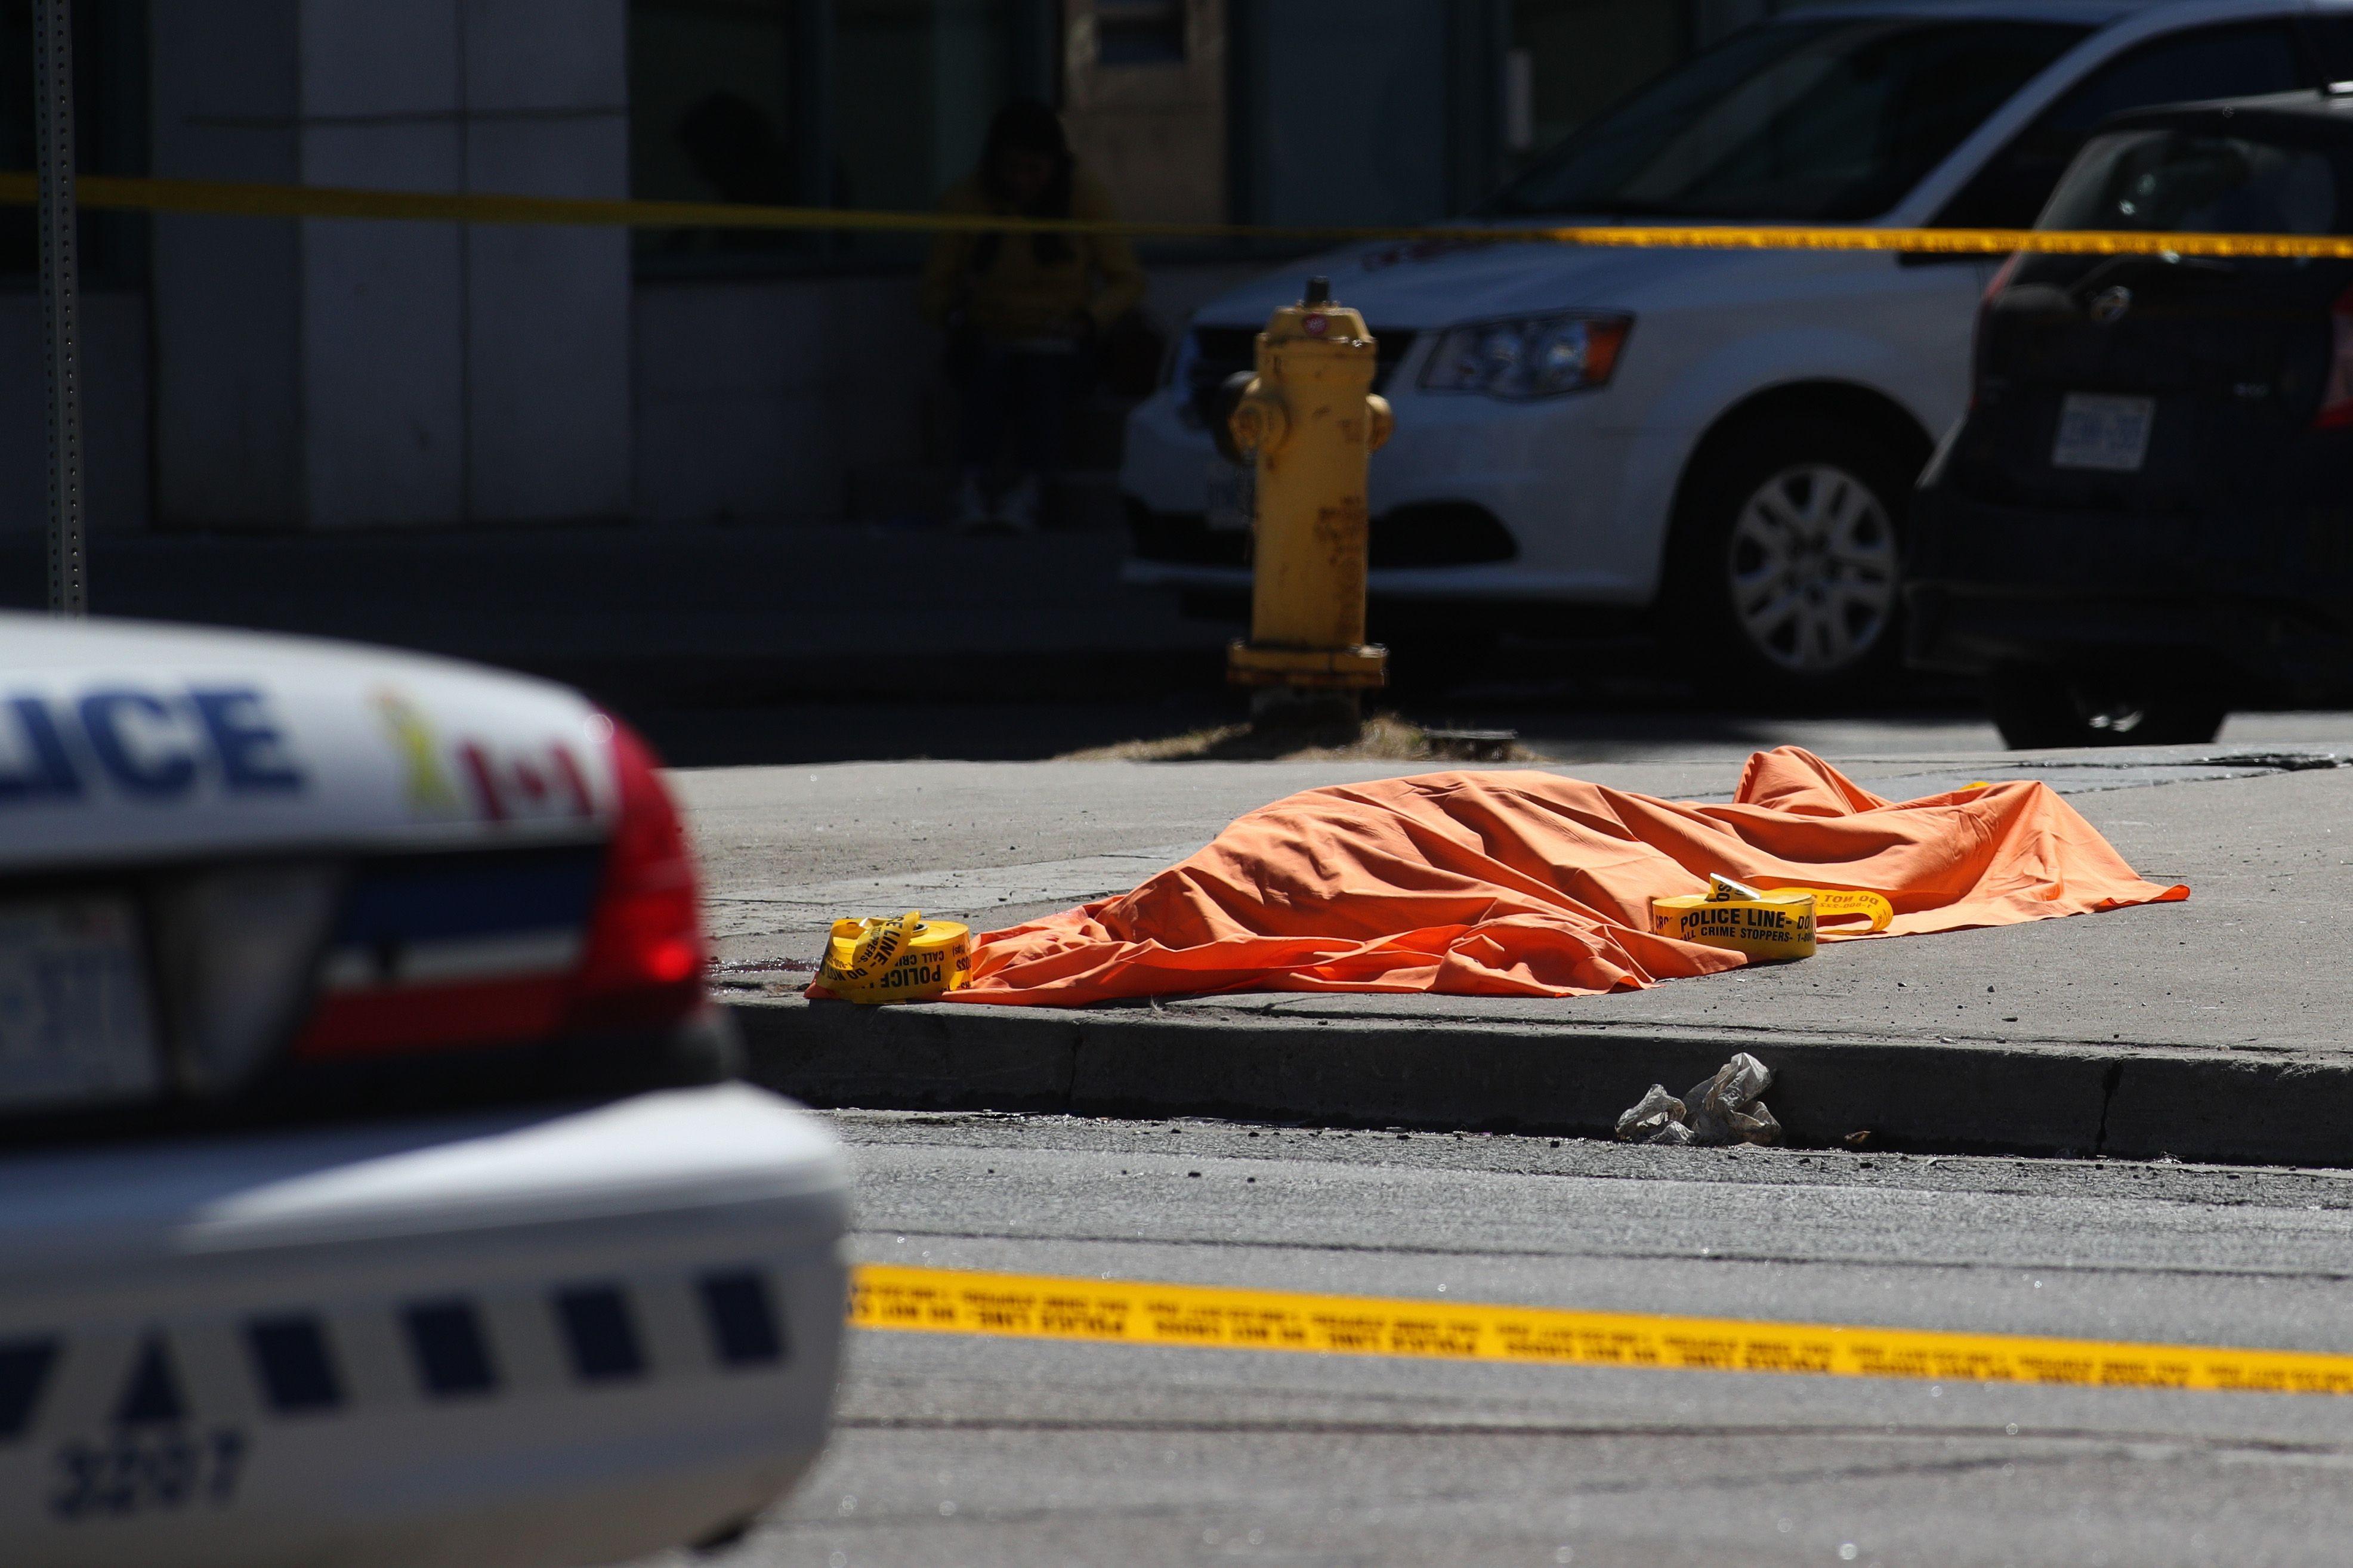 الشرطة: 9 قتلى و16 جريحا في حادثة الدهس في تورونتو الكندية